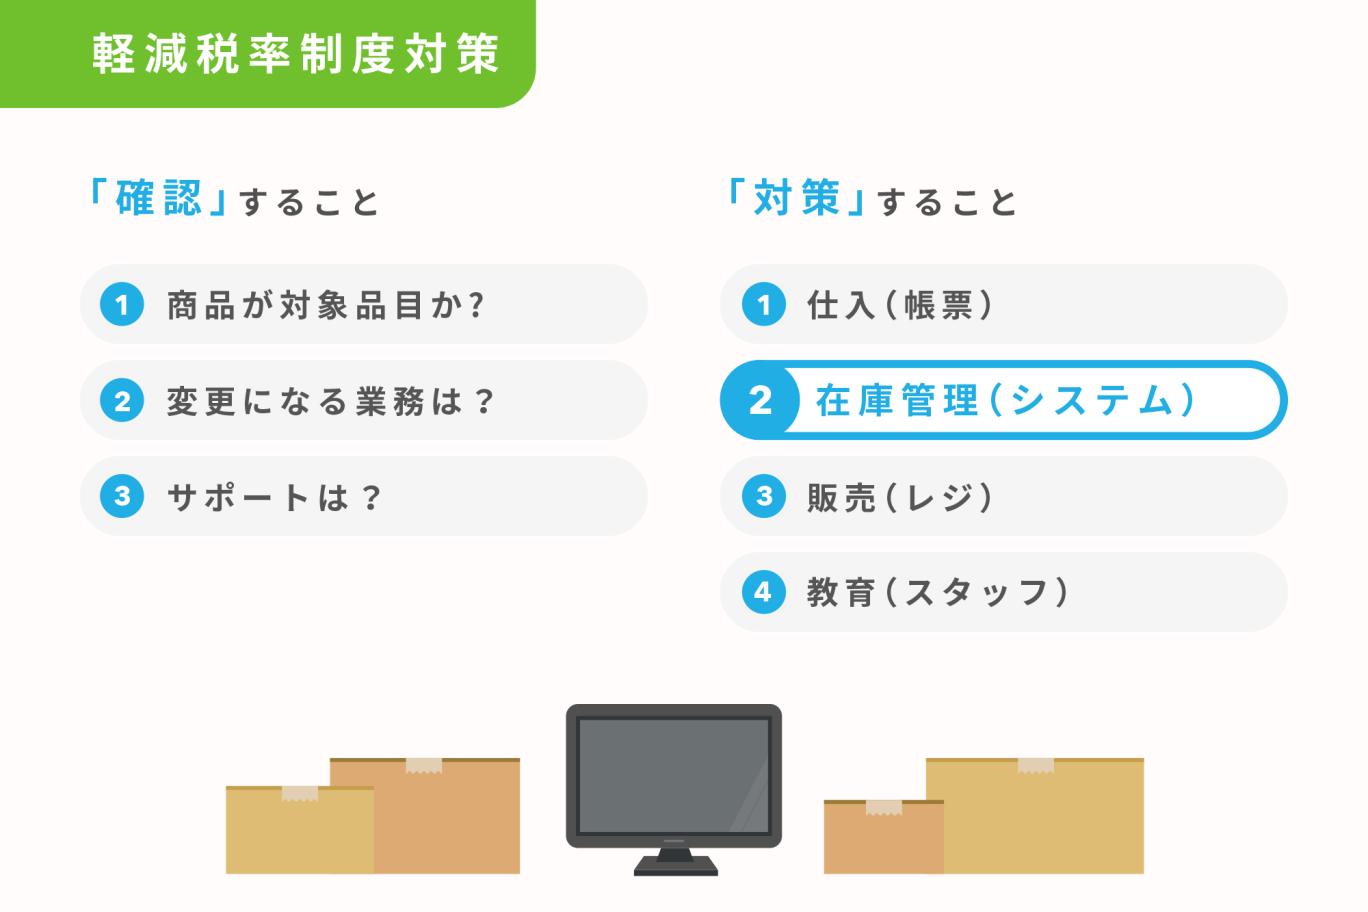 【軽減税率特集】対策2. 在庫管理(システム)